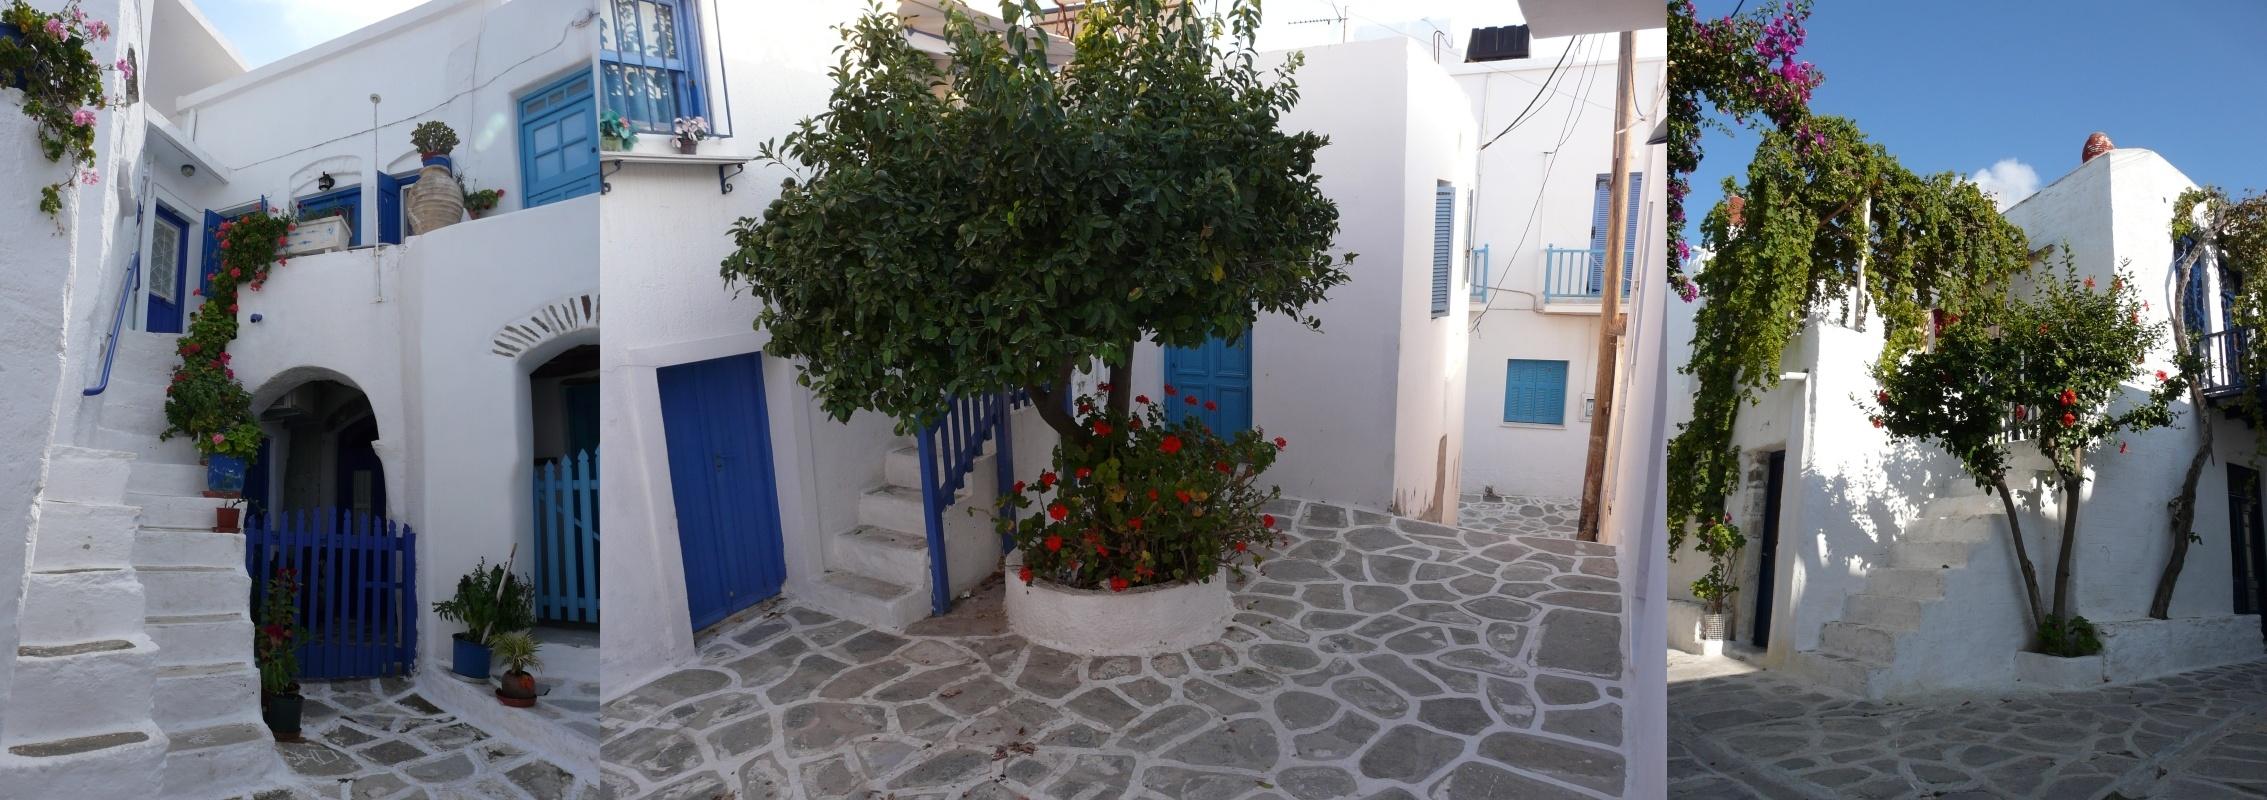 Alguien sabe cuanto son 400 dracmas islas griegas p gina 2 for Casas en islas griegas